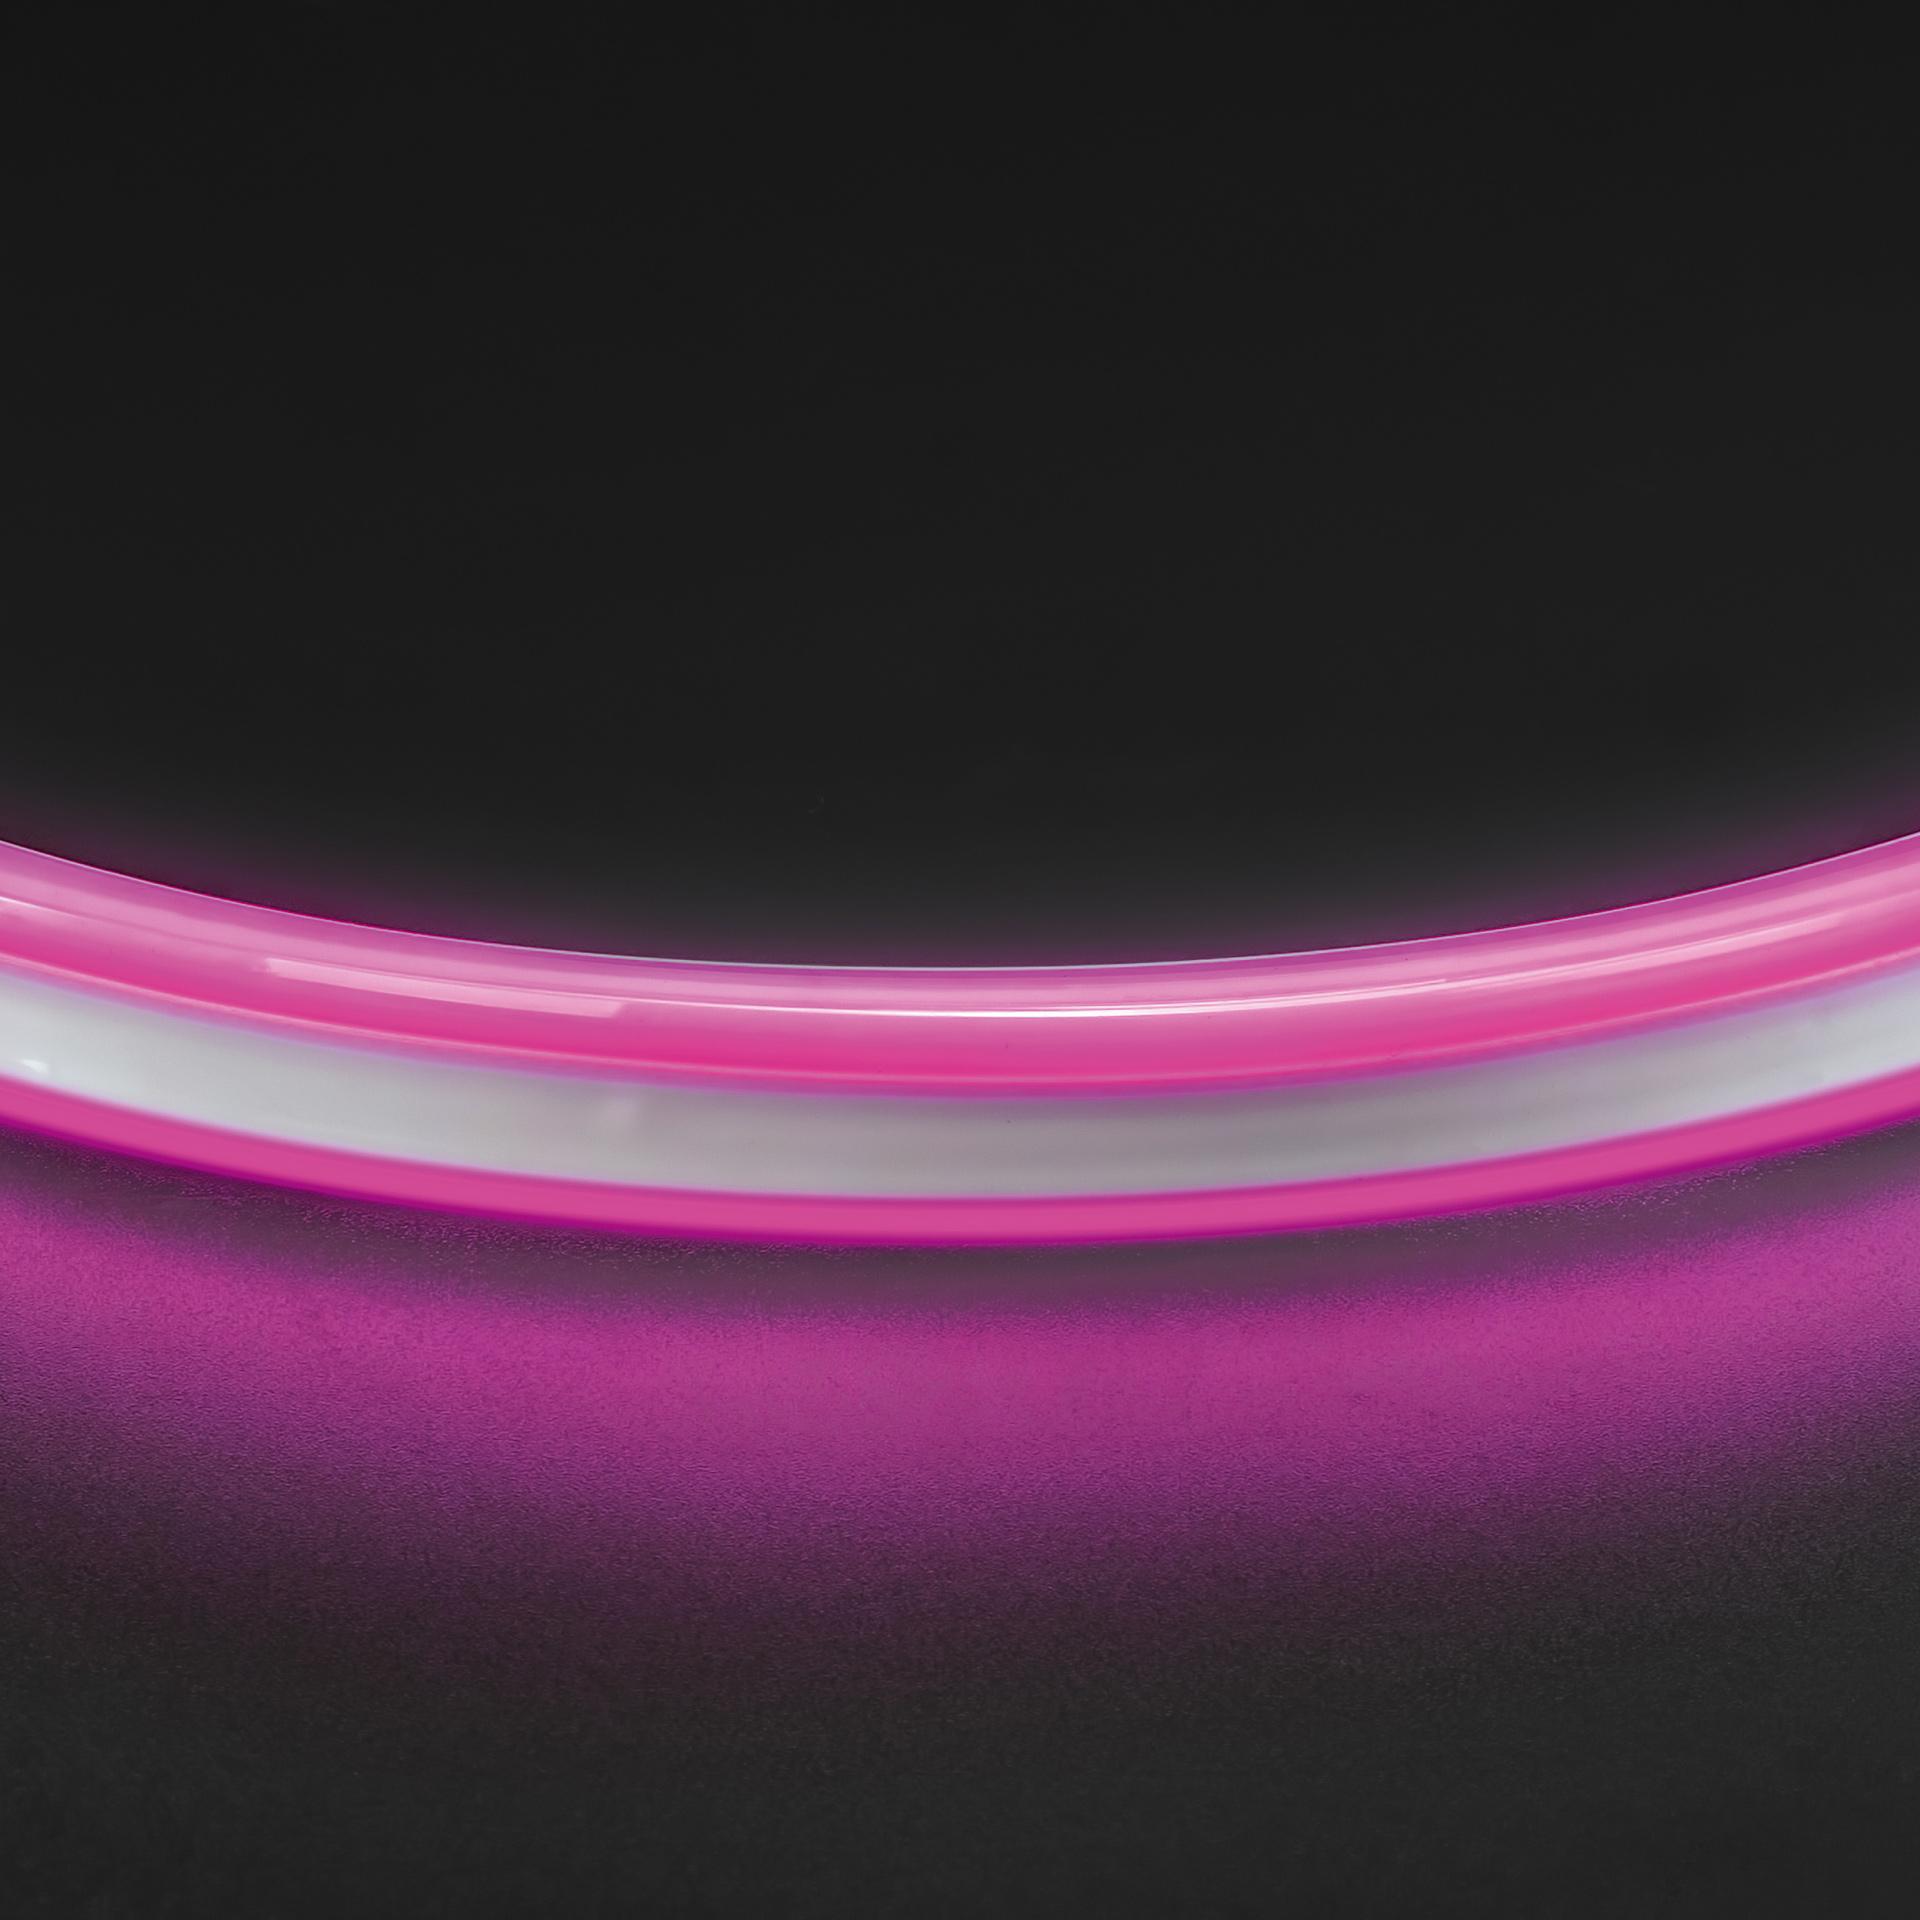 Лента гибкая неоновая NEOLED 220V 120 LED розовый цвет IP65 Lightstar 430109, купить в СПб, Москве, с доставкой, Санкт-Петербург, интернет-магазин люстр и светильников Starlight, фото в жизни